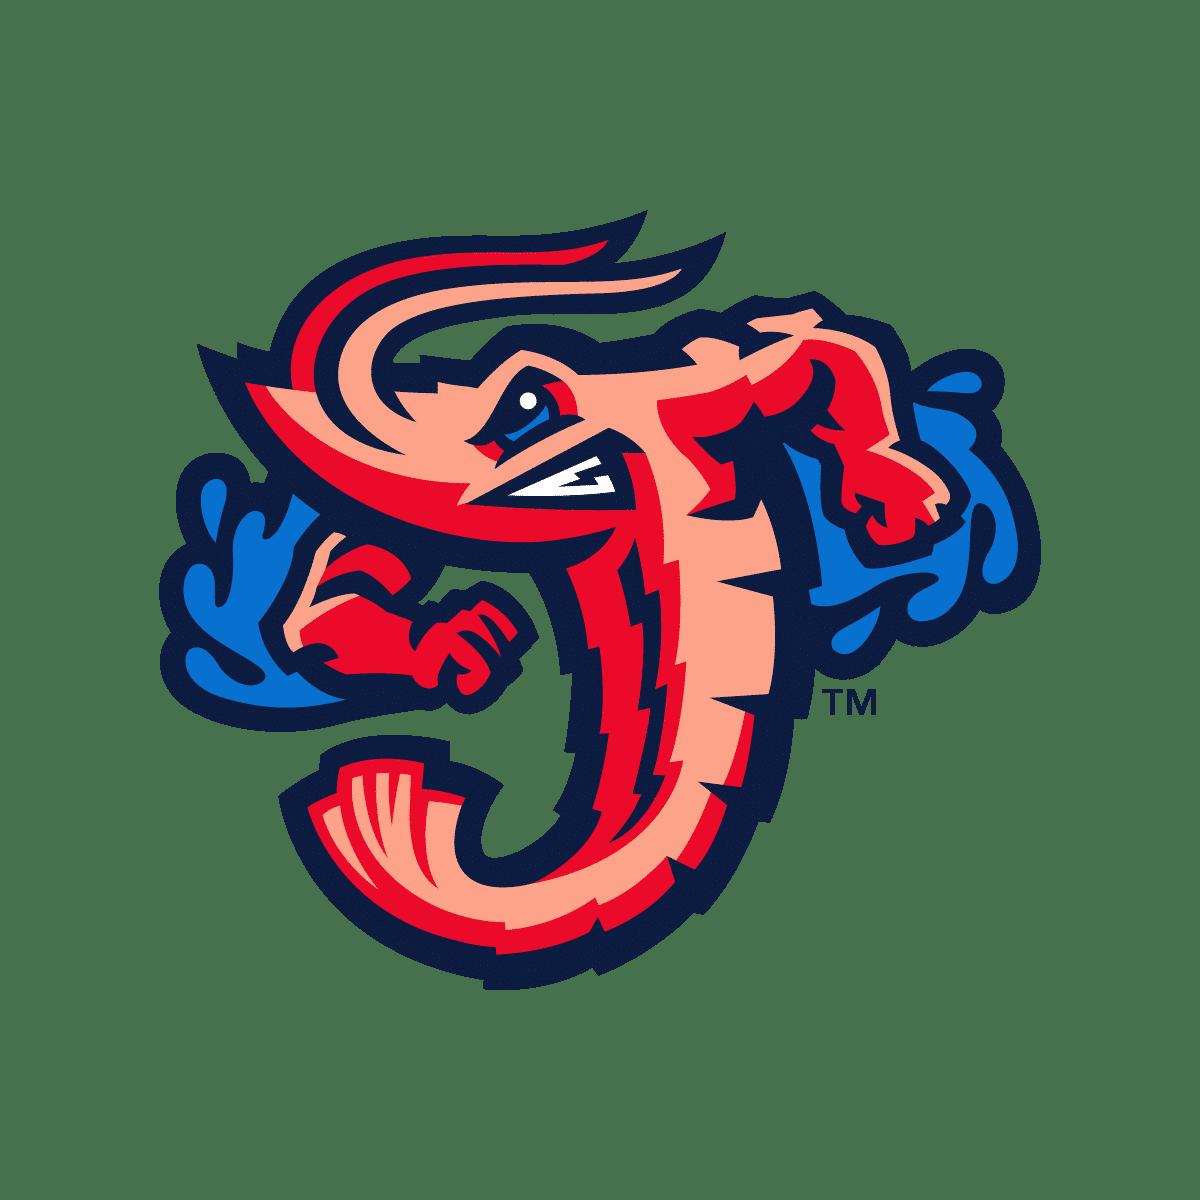 http://Jumbo-Shrimp